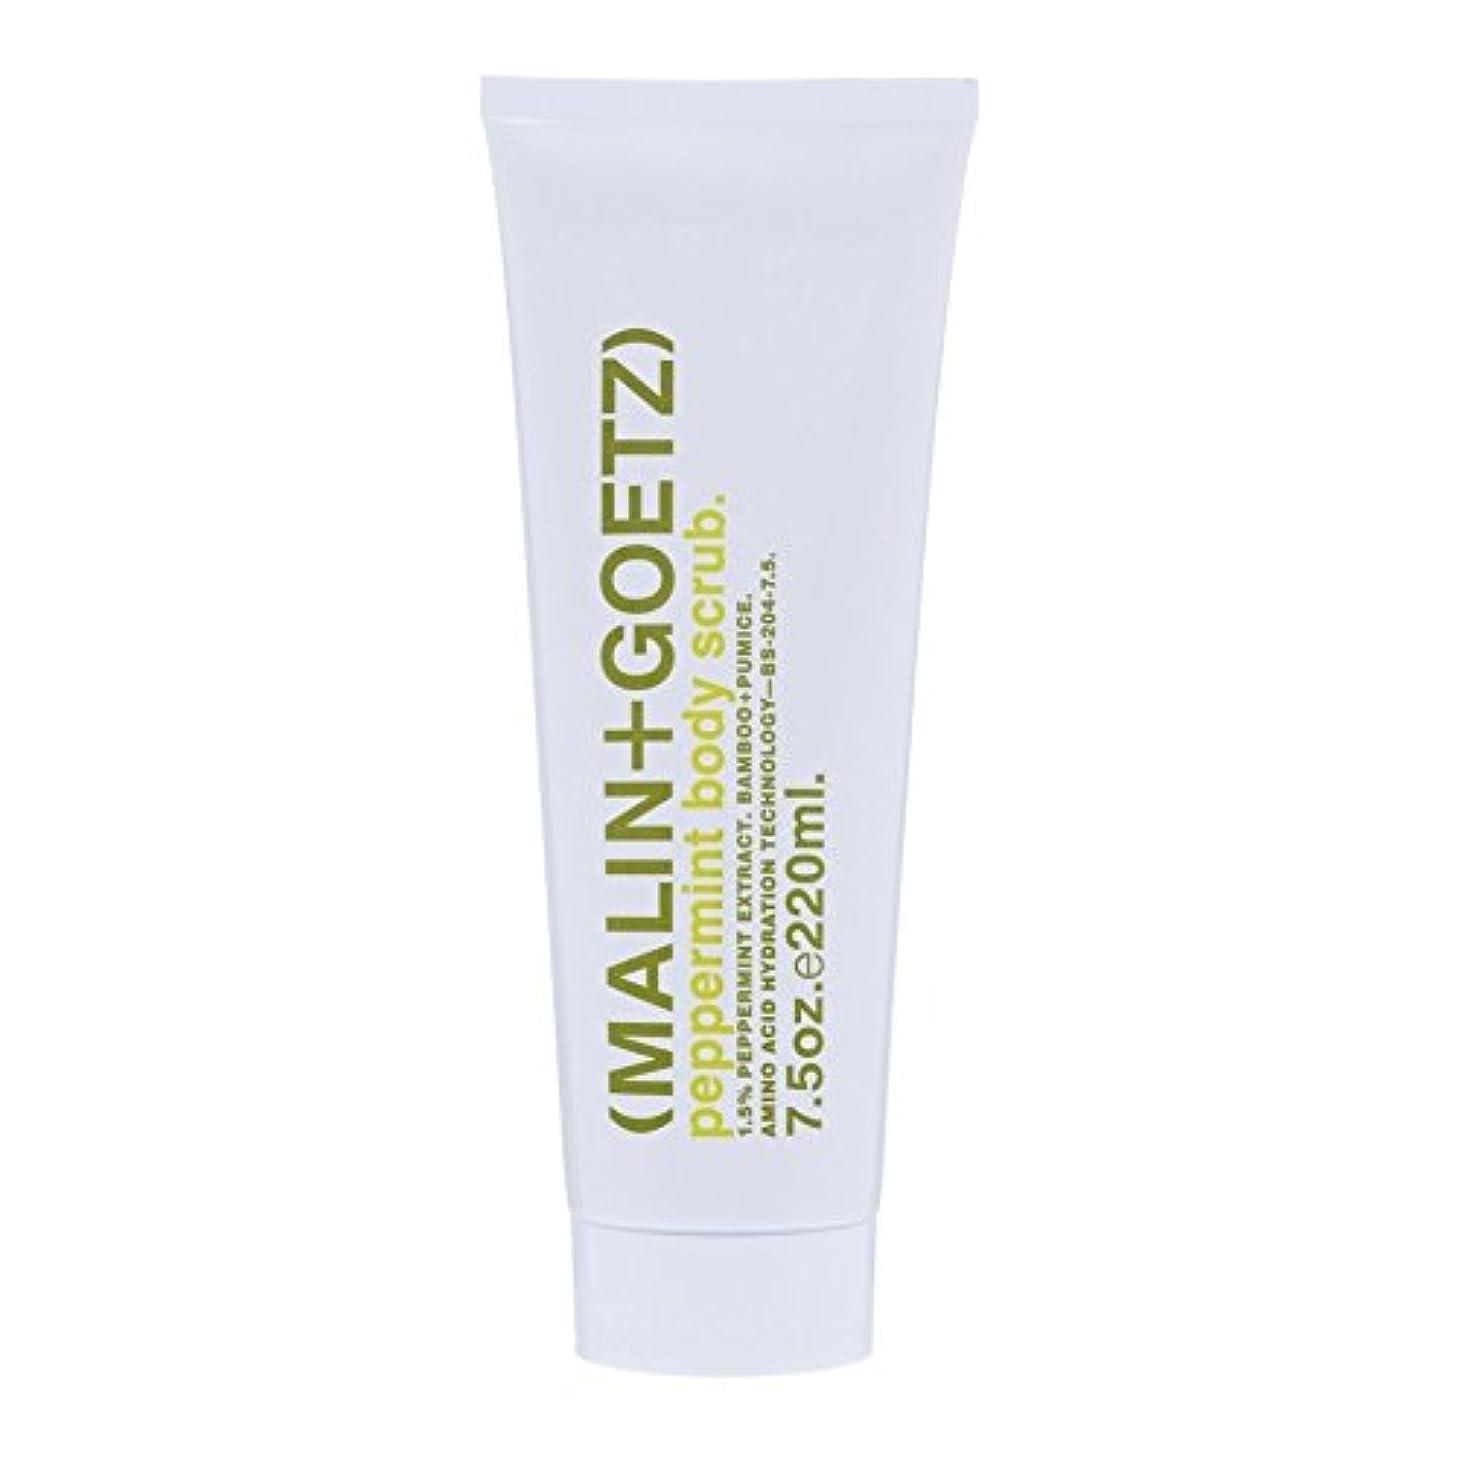 年感嘆密(MALIN+GOETZ) Peppermint Body Scrub 220ml - (マリン+ゲッツ)ペパーミントボディスクラブ220ミリリットル [並行輸入品]